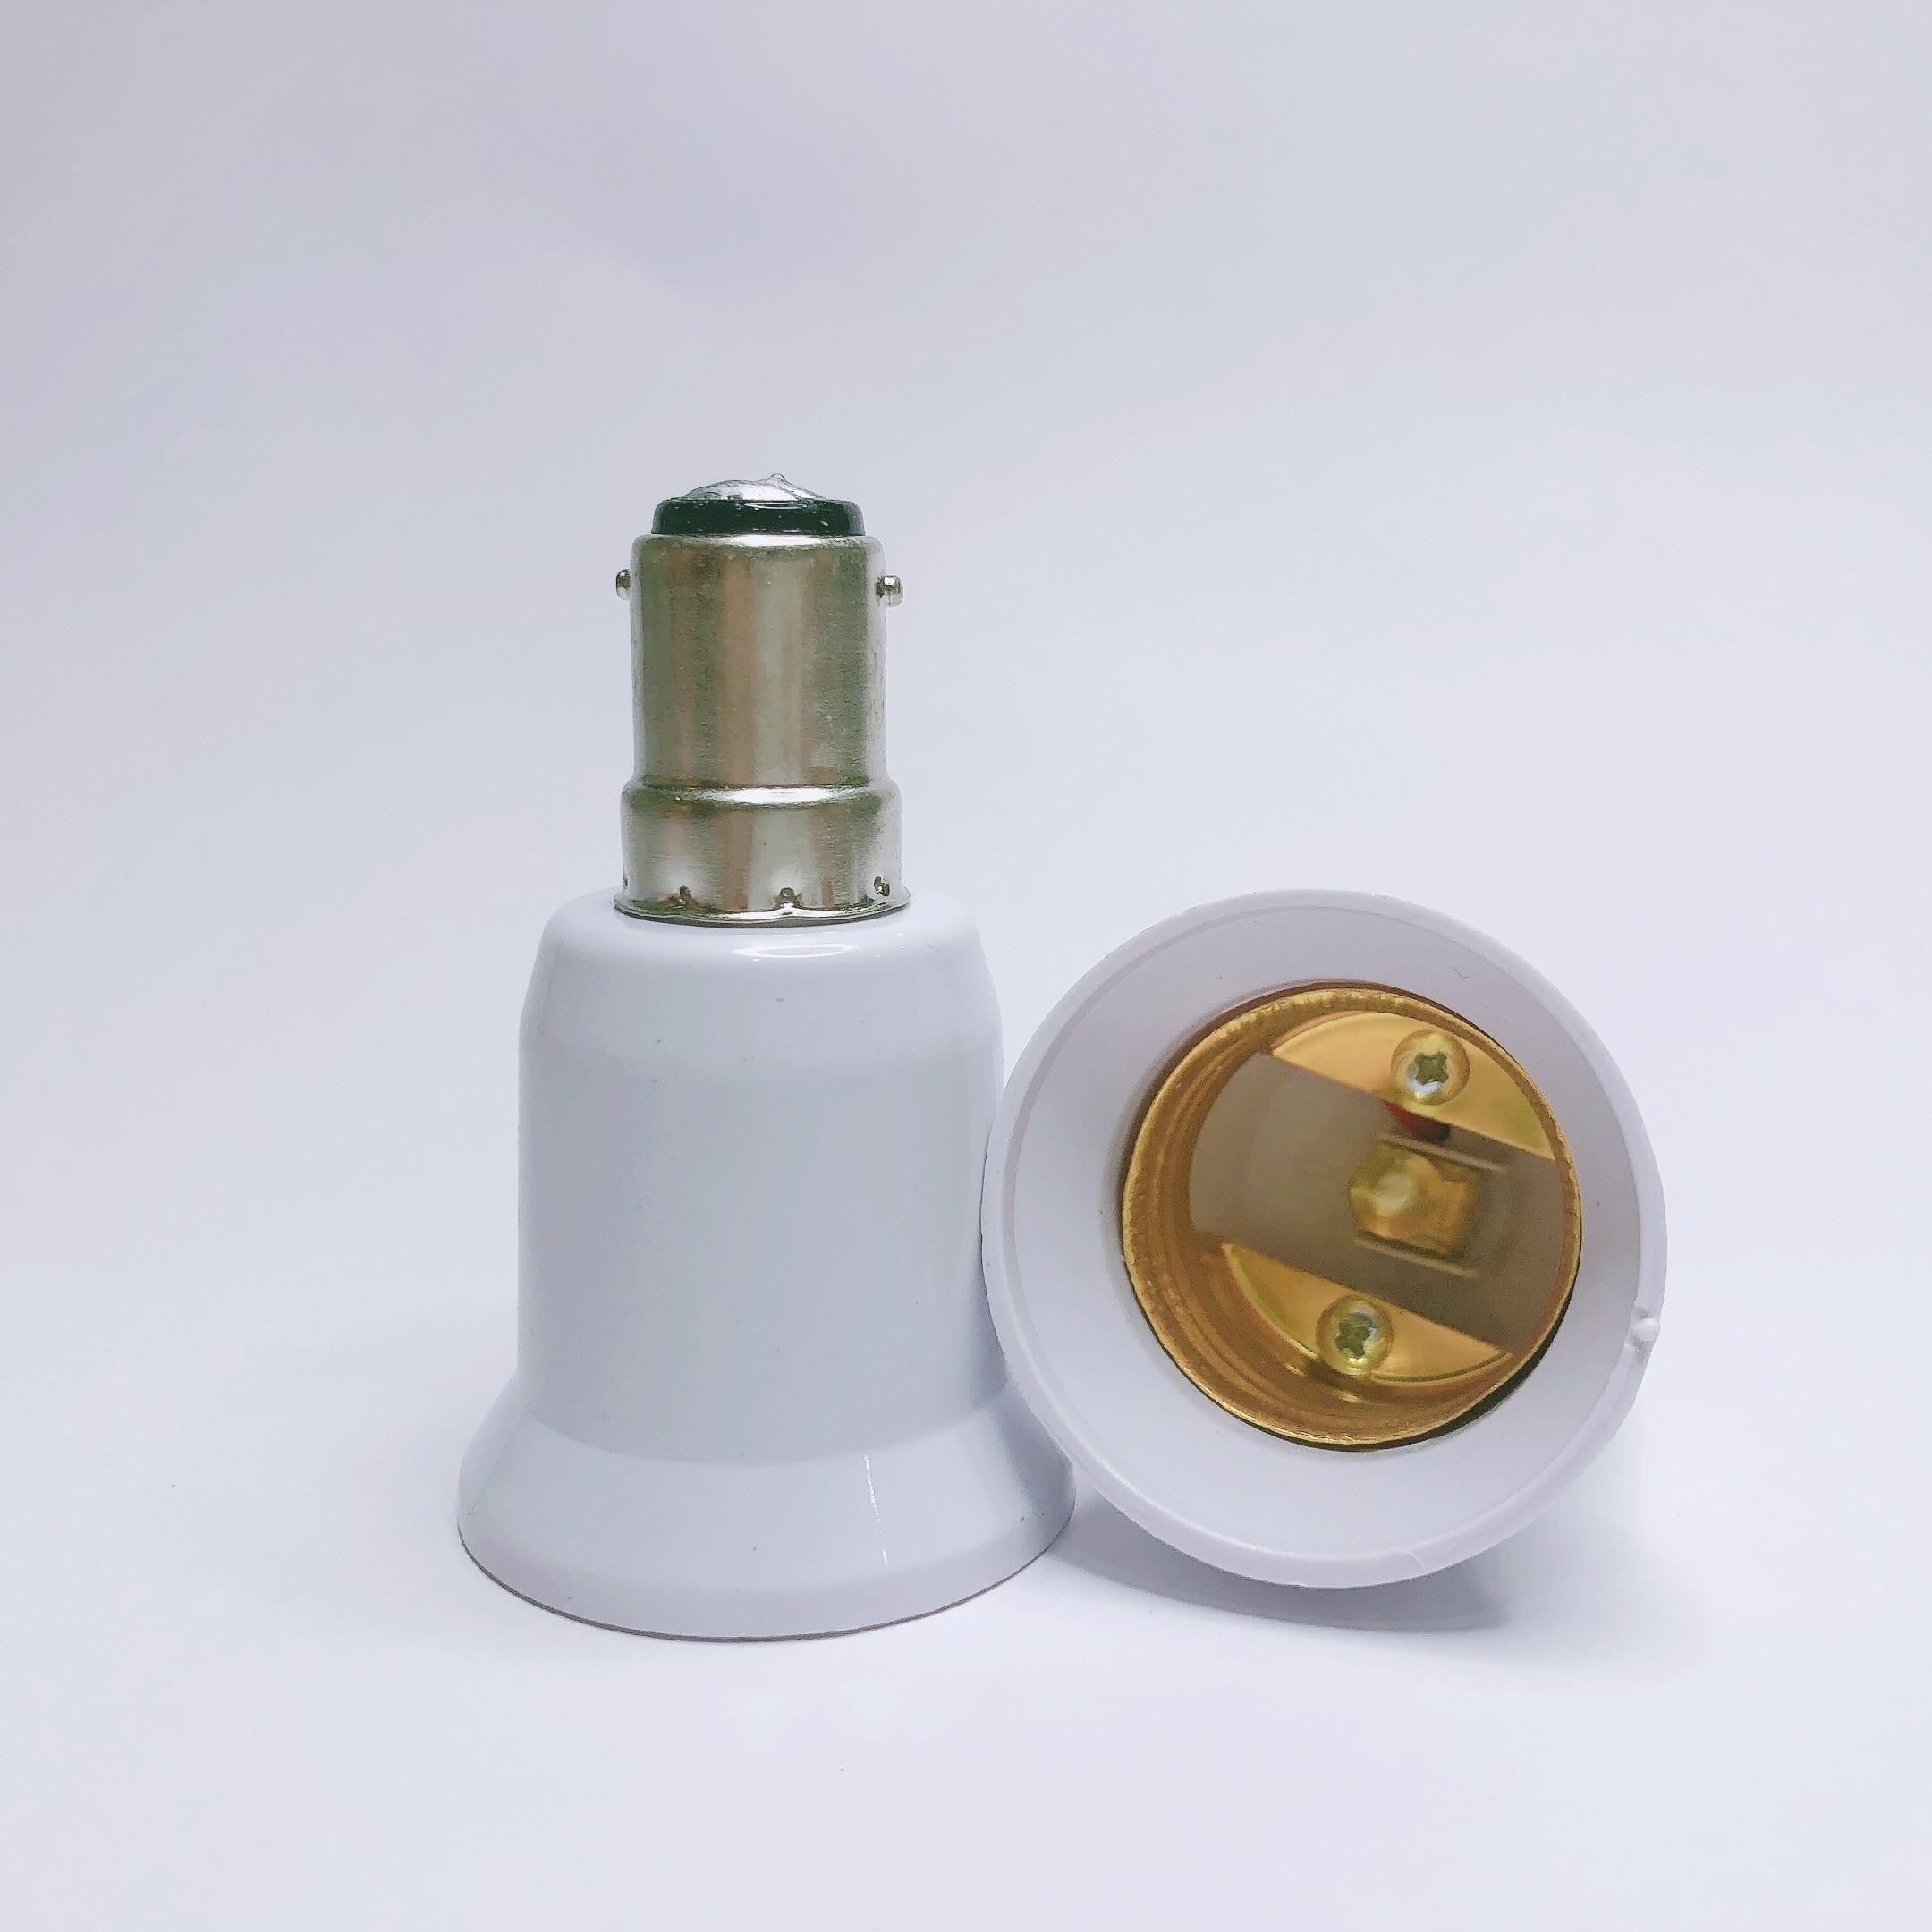 1 unidad BA15D a E27 adaptador toma de conversión Material de alta calidad Material ignífugo B15 a E27 enchufe adaptador soporte de lámpara